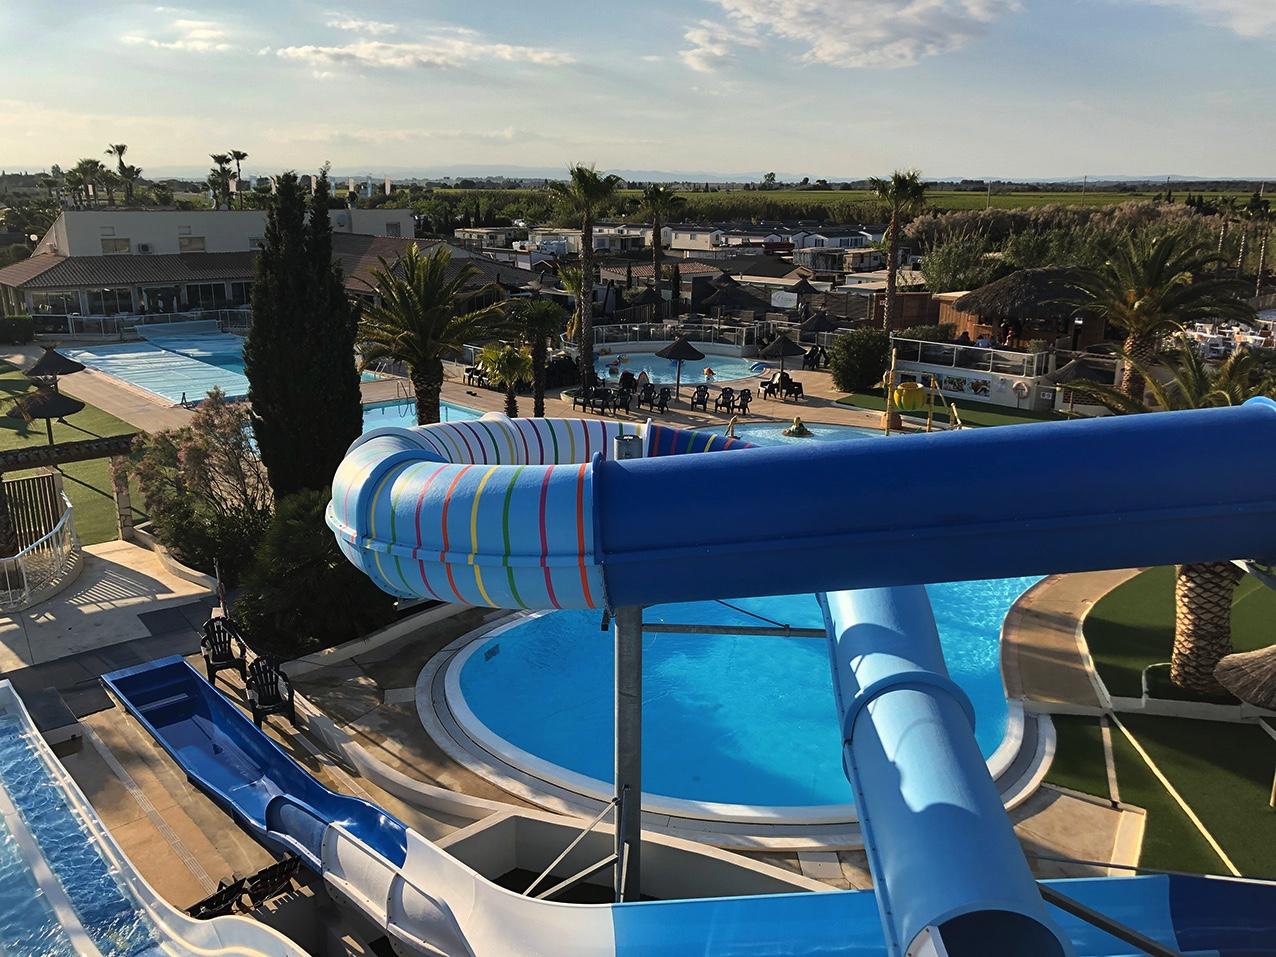 neue Wasserrutsche Mehrere Pools Palmen Schwimmbad